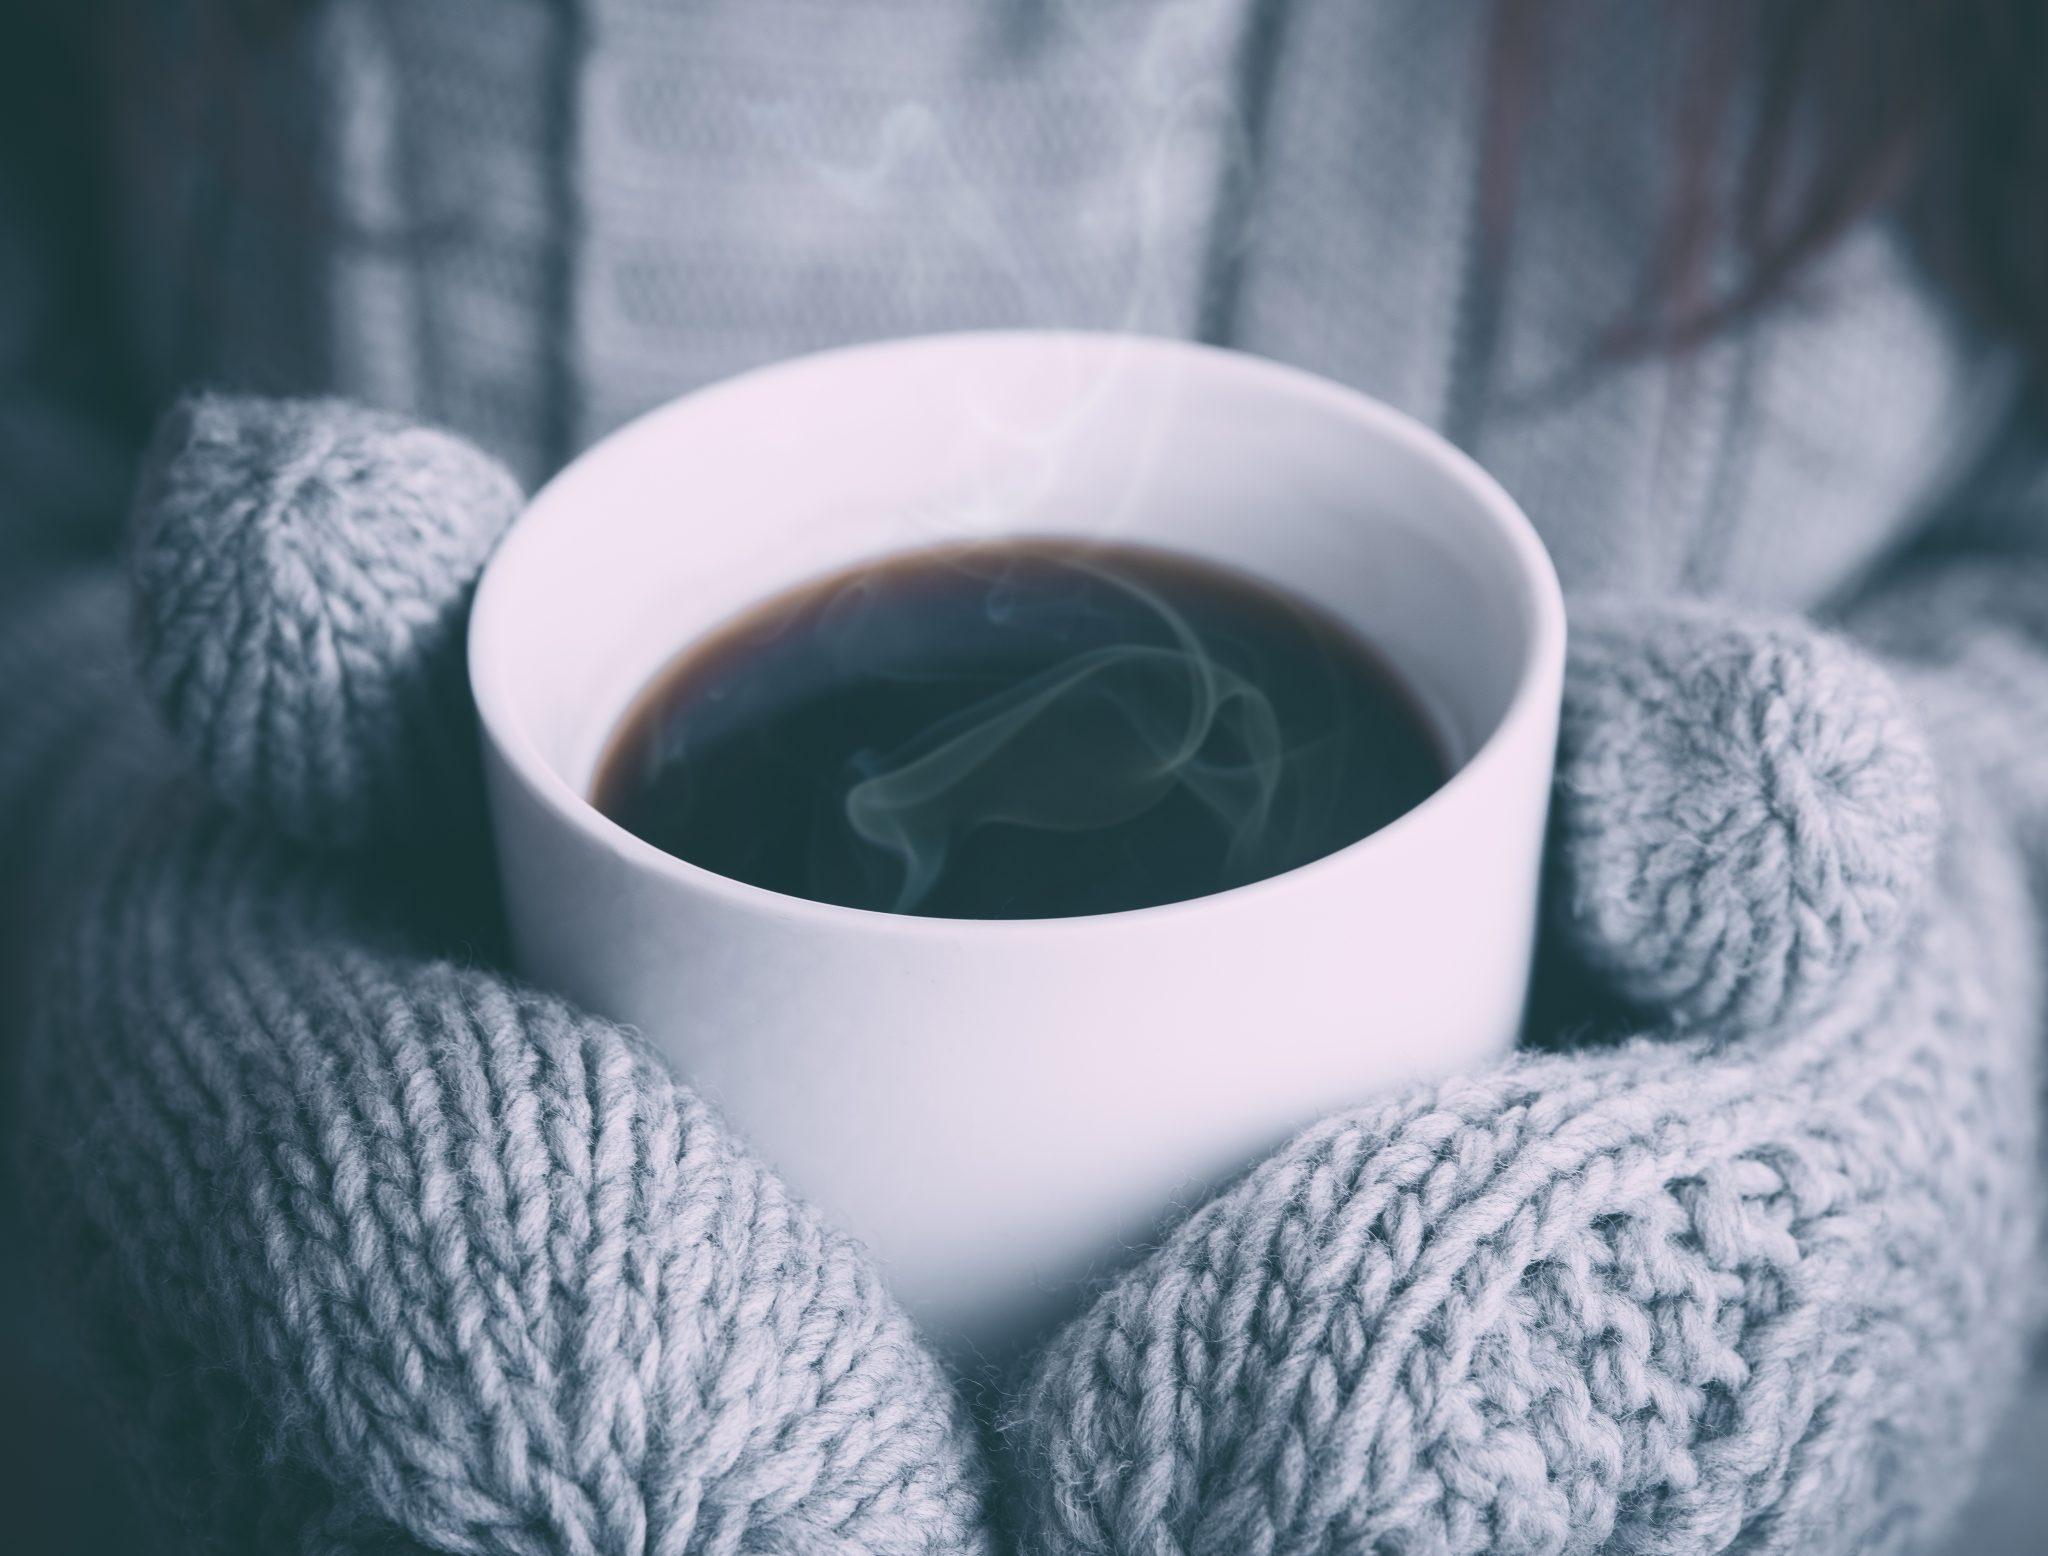 Comfort food preferat când ești răcit. Sondaj printre bloggerii culinari